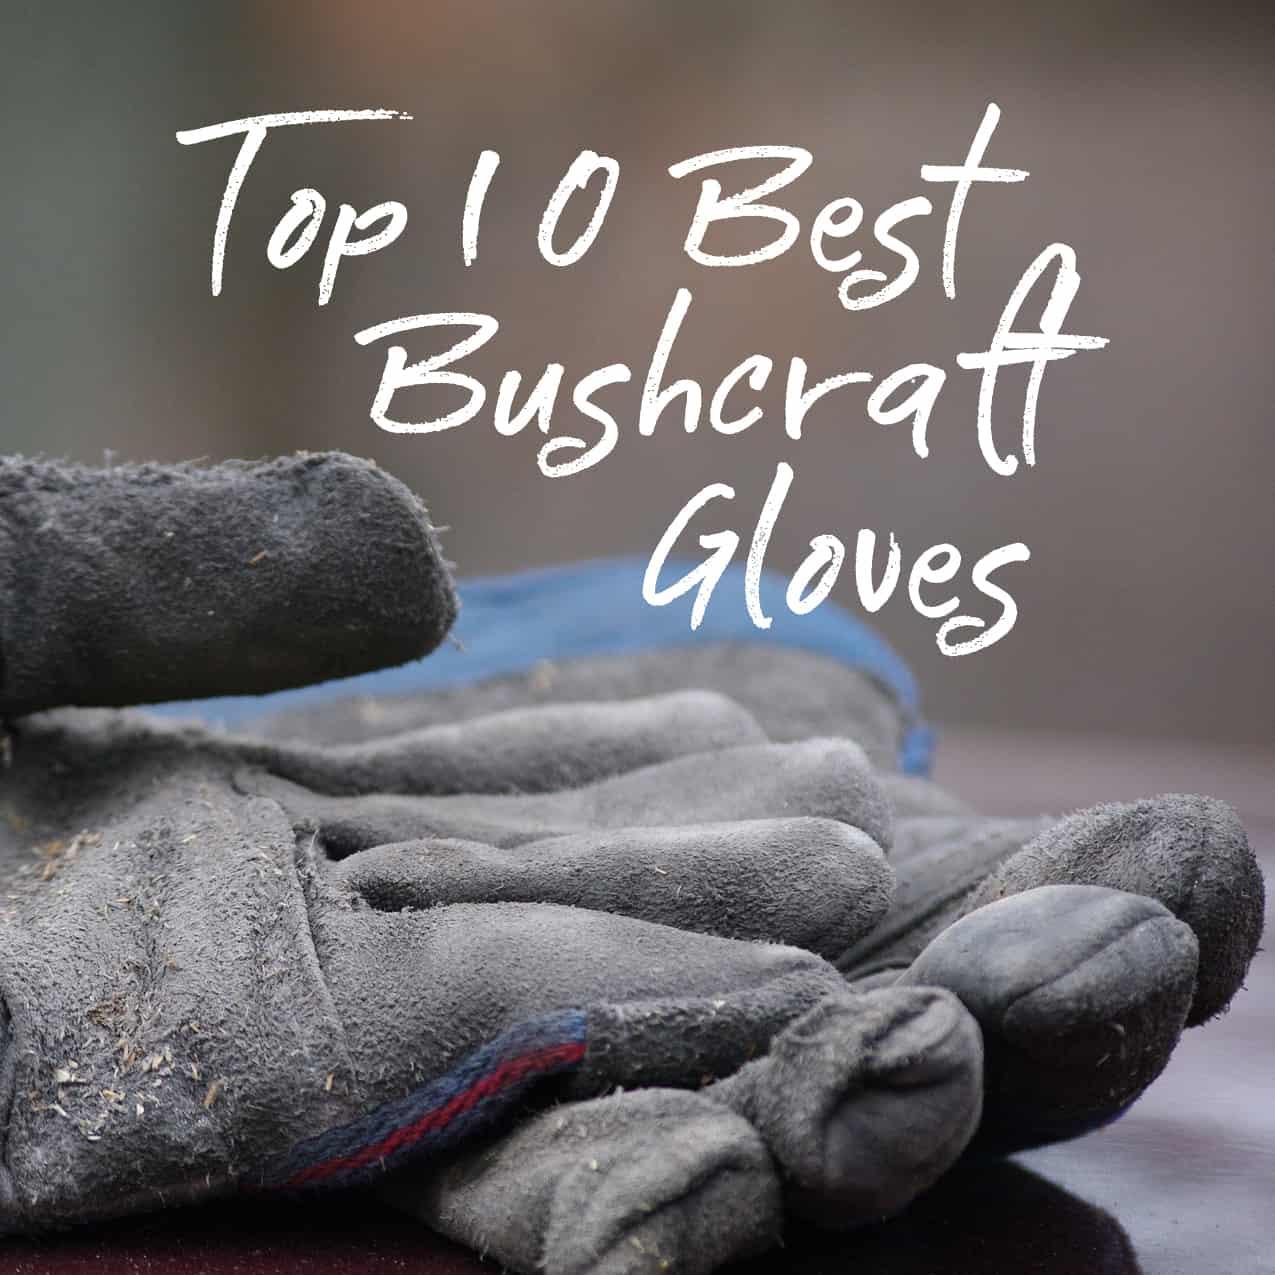 Top 10 Best Bushcraft Gloves